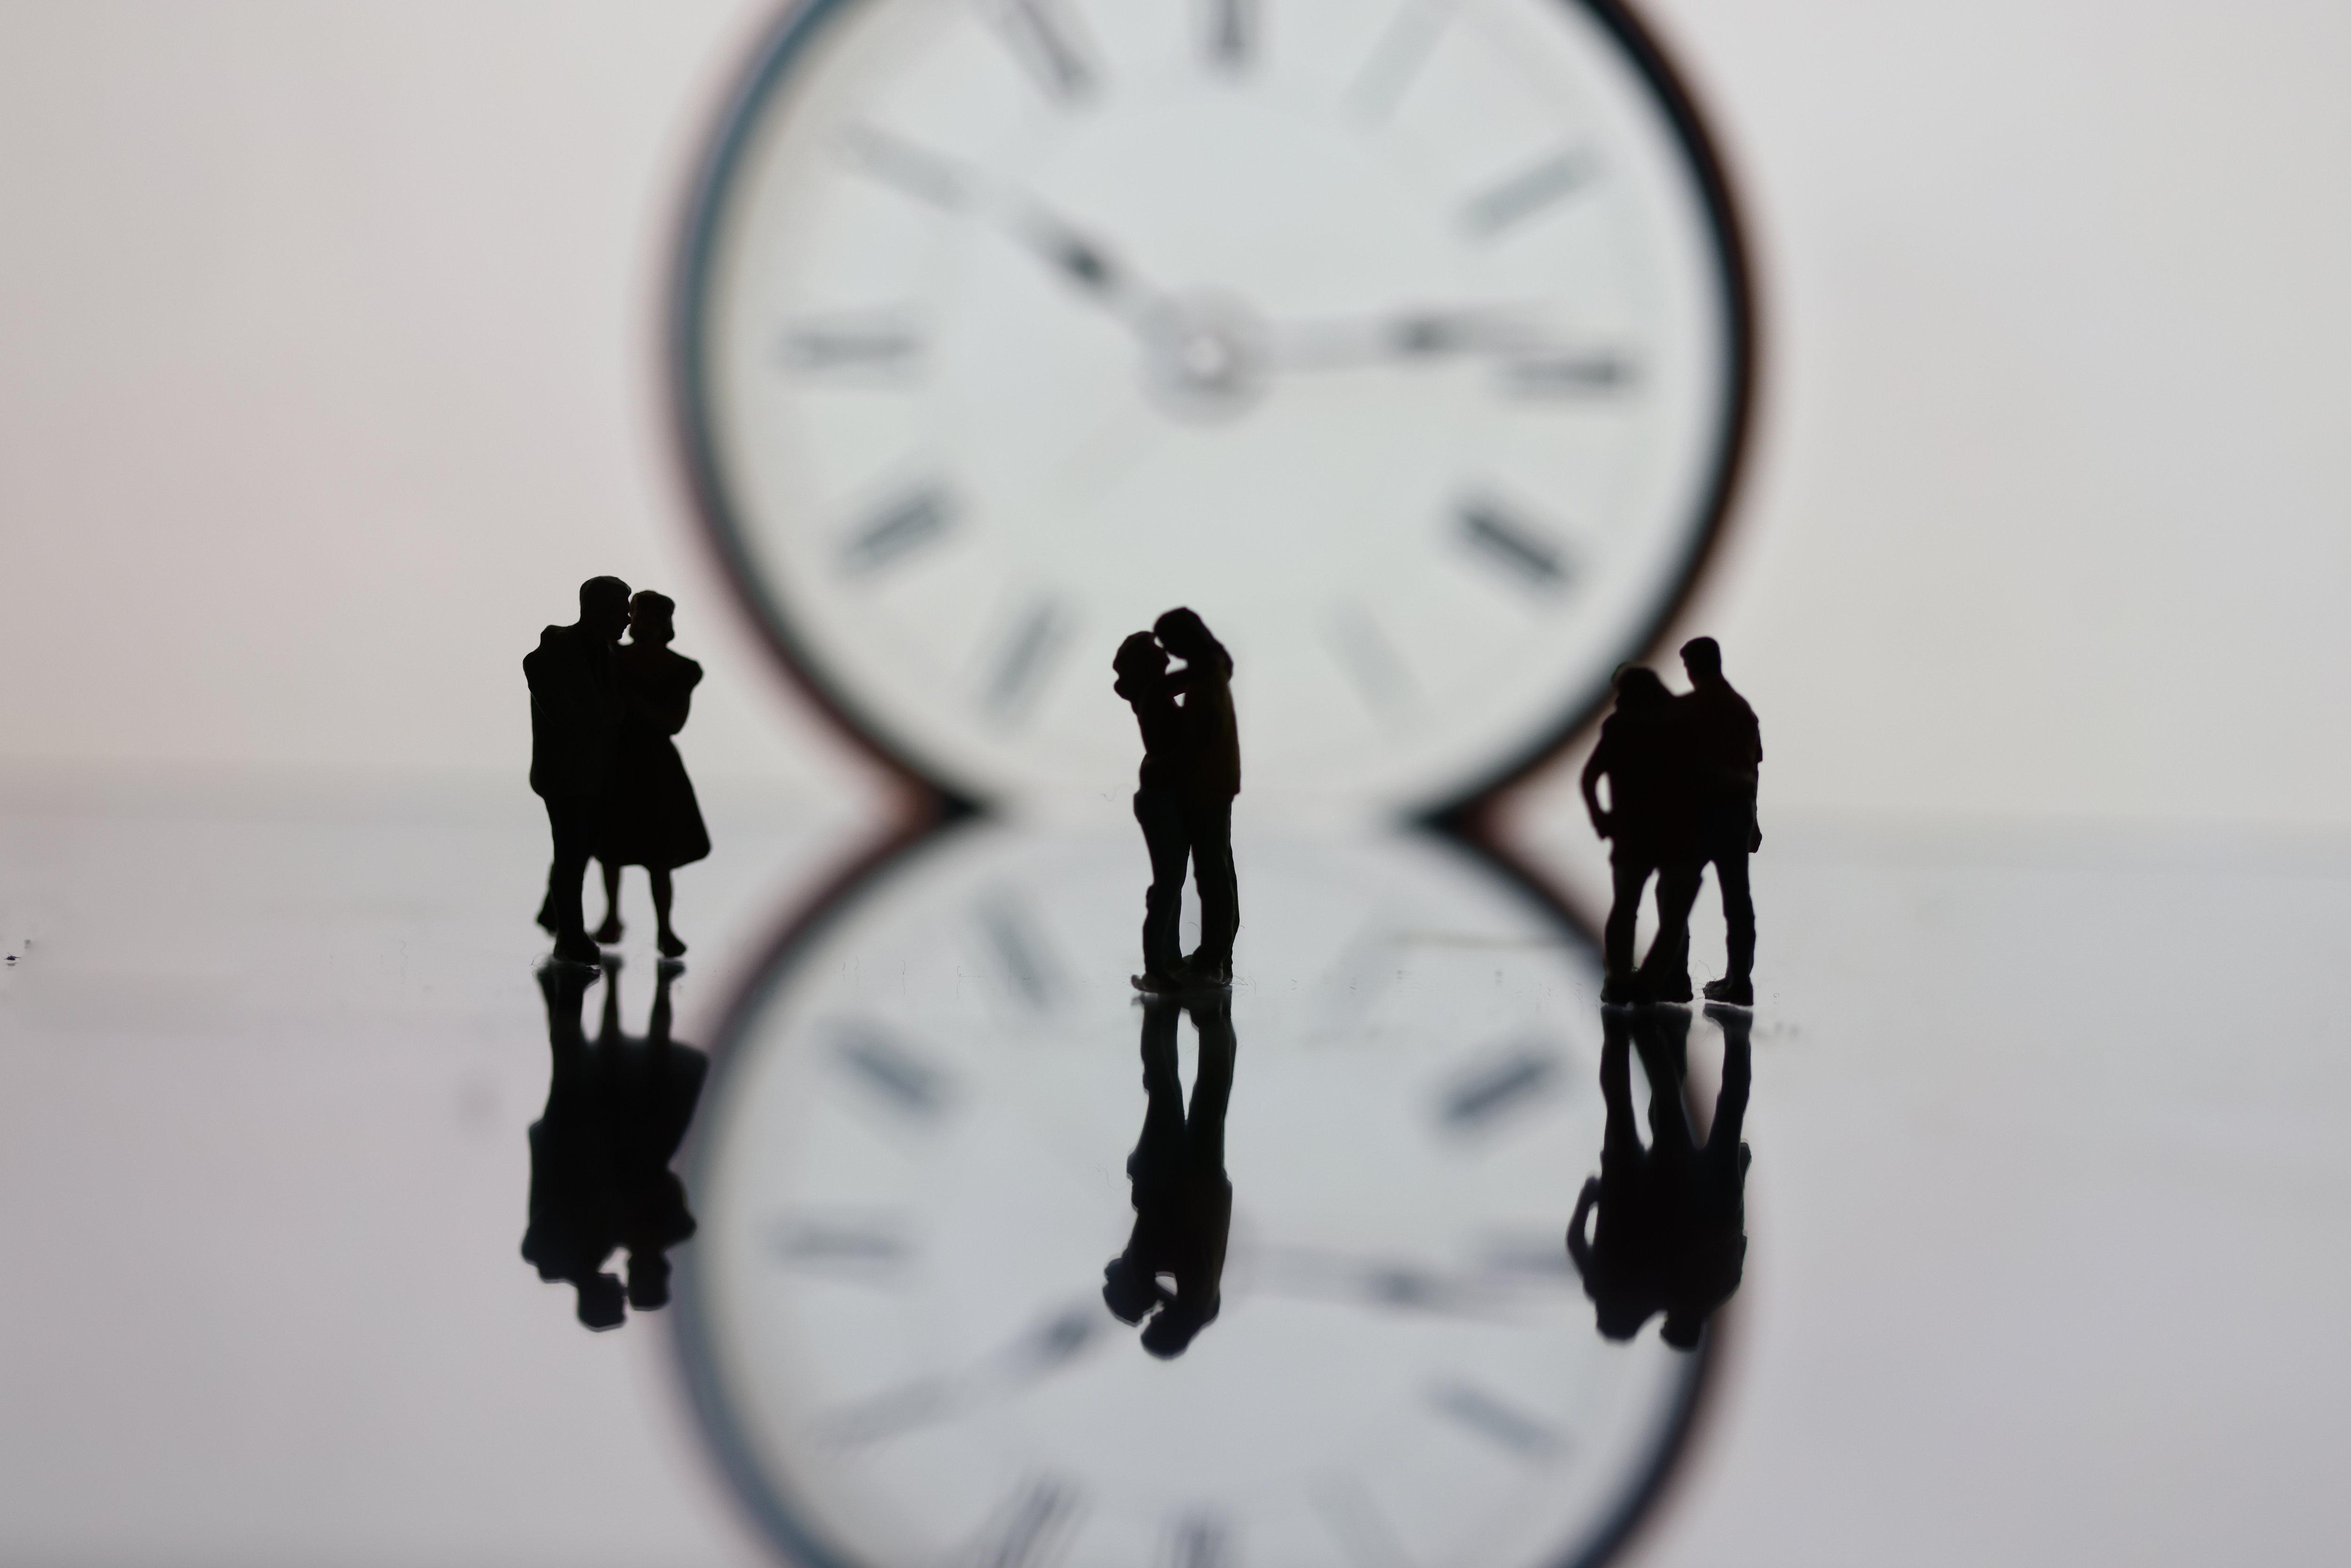 «J'ai envie le matin alors qu'elle préfère le soir» : le désir en décalage, un casse-tête pour les couples